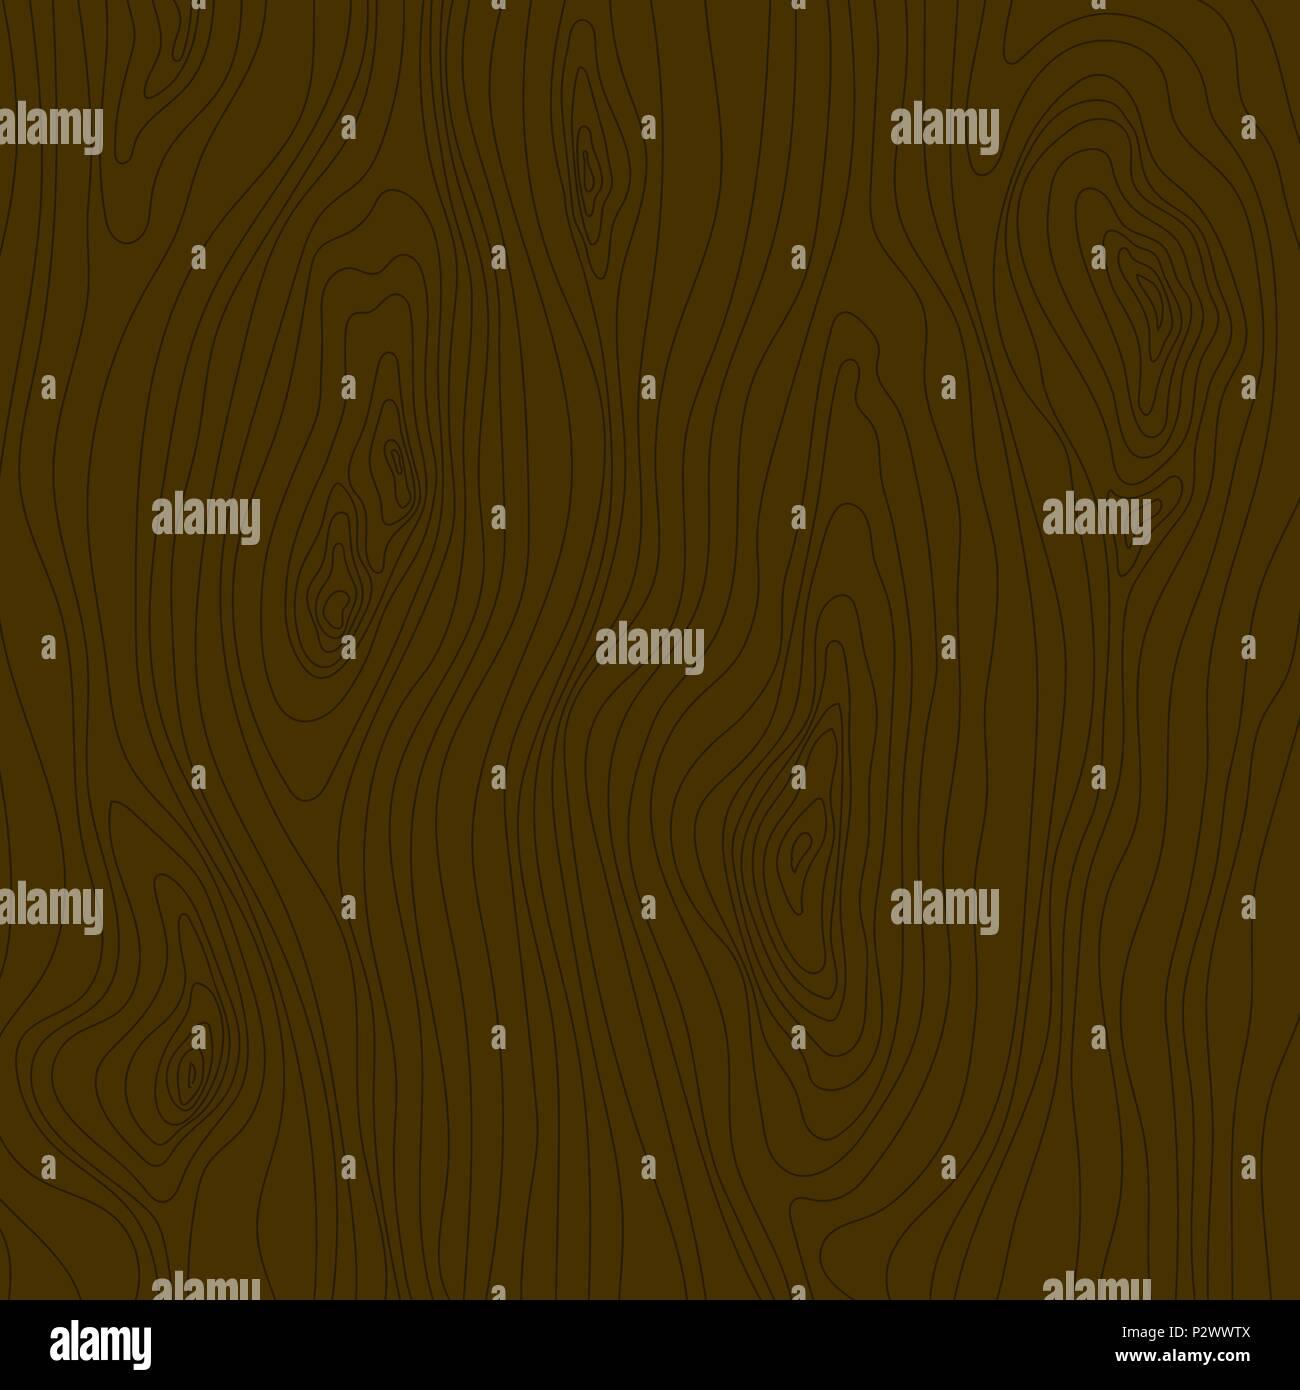 La Texture En Bois Brun Wood Grain Pattern Résumé Contexte